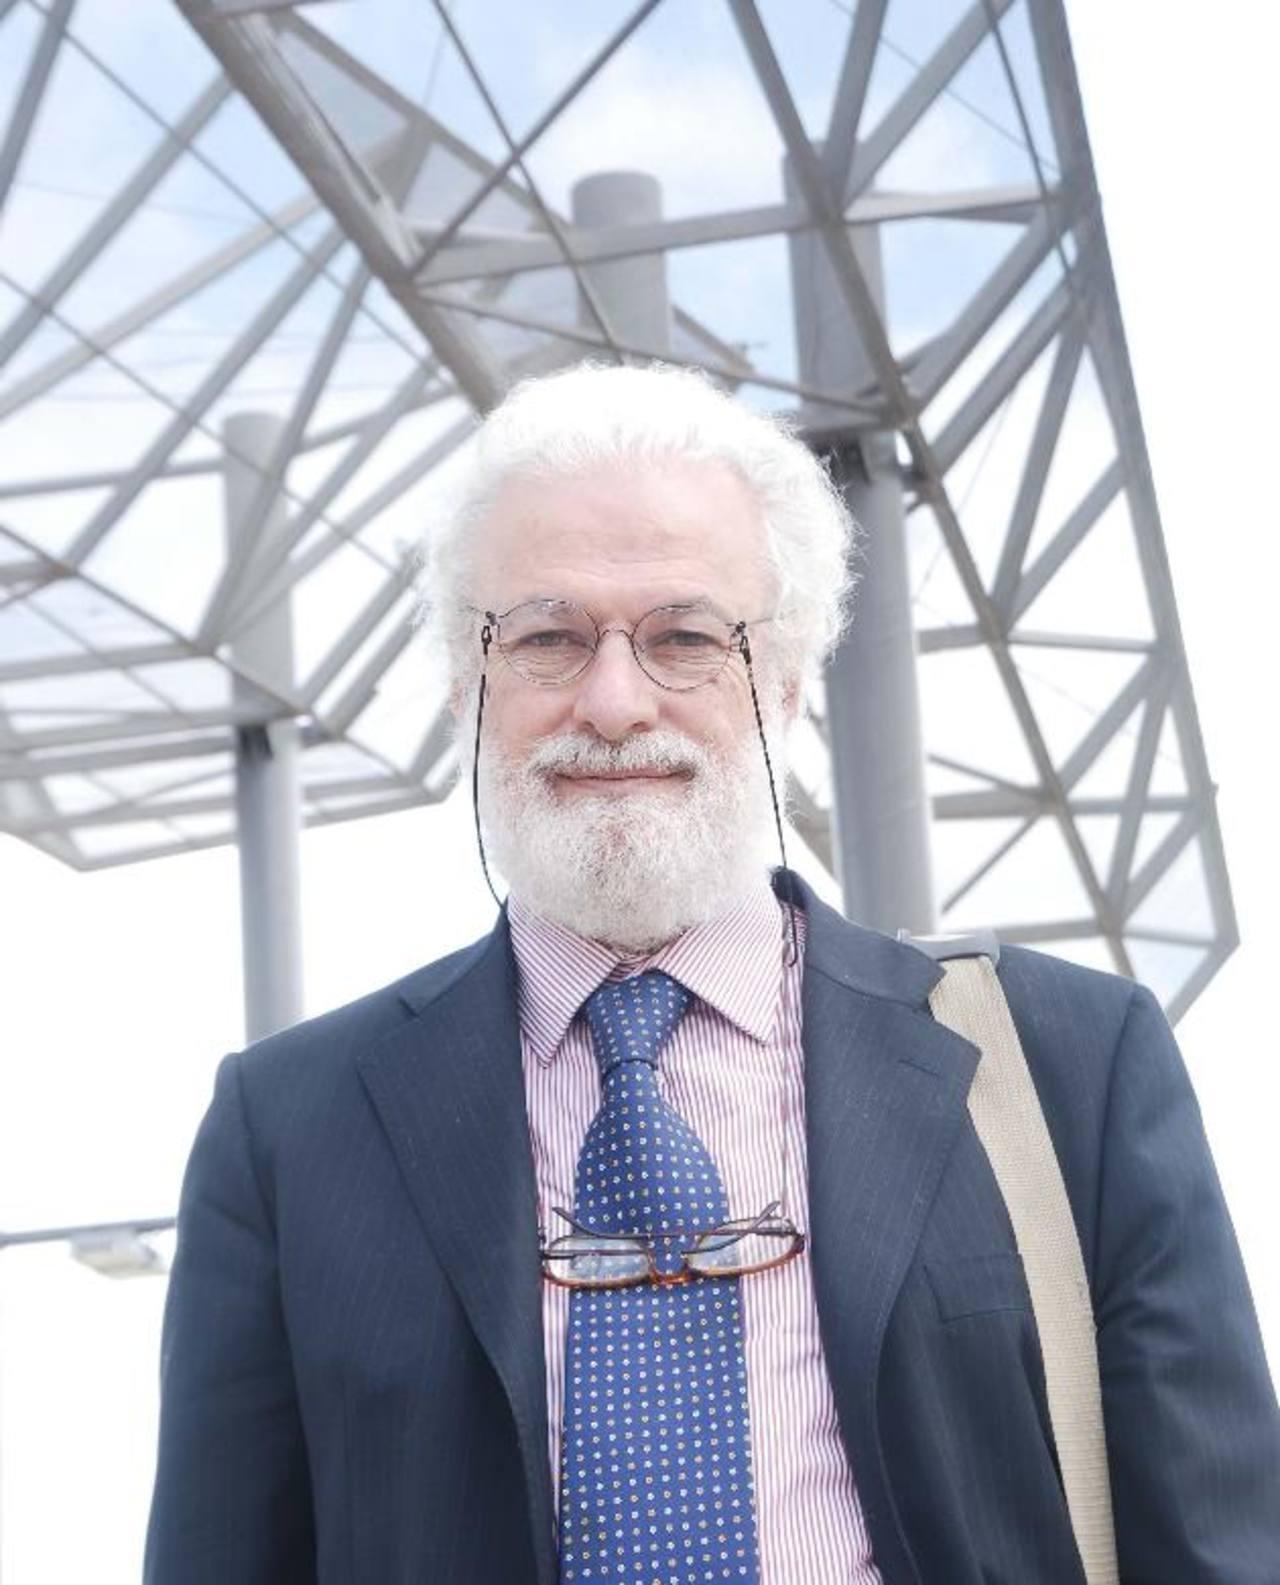 Francesco Tonucci ha hecho varias investigaciones sobre el desarrollo cognitivo de los niños, su pensamiento, su comportamiento, la relación entre la cognición y metodología educacional.